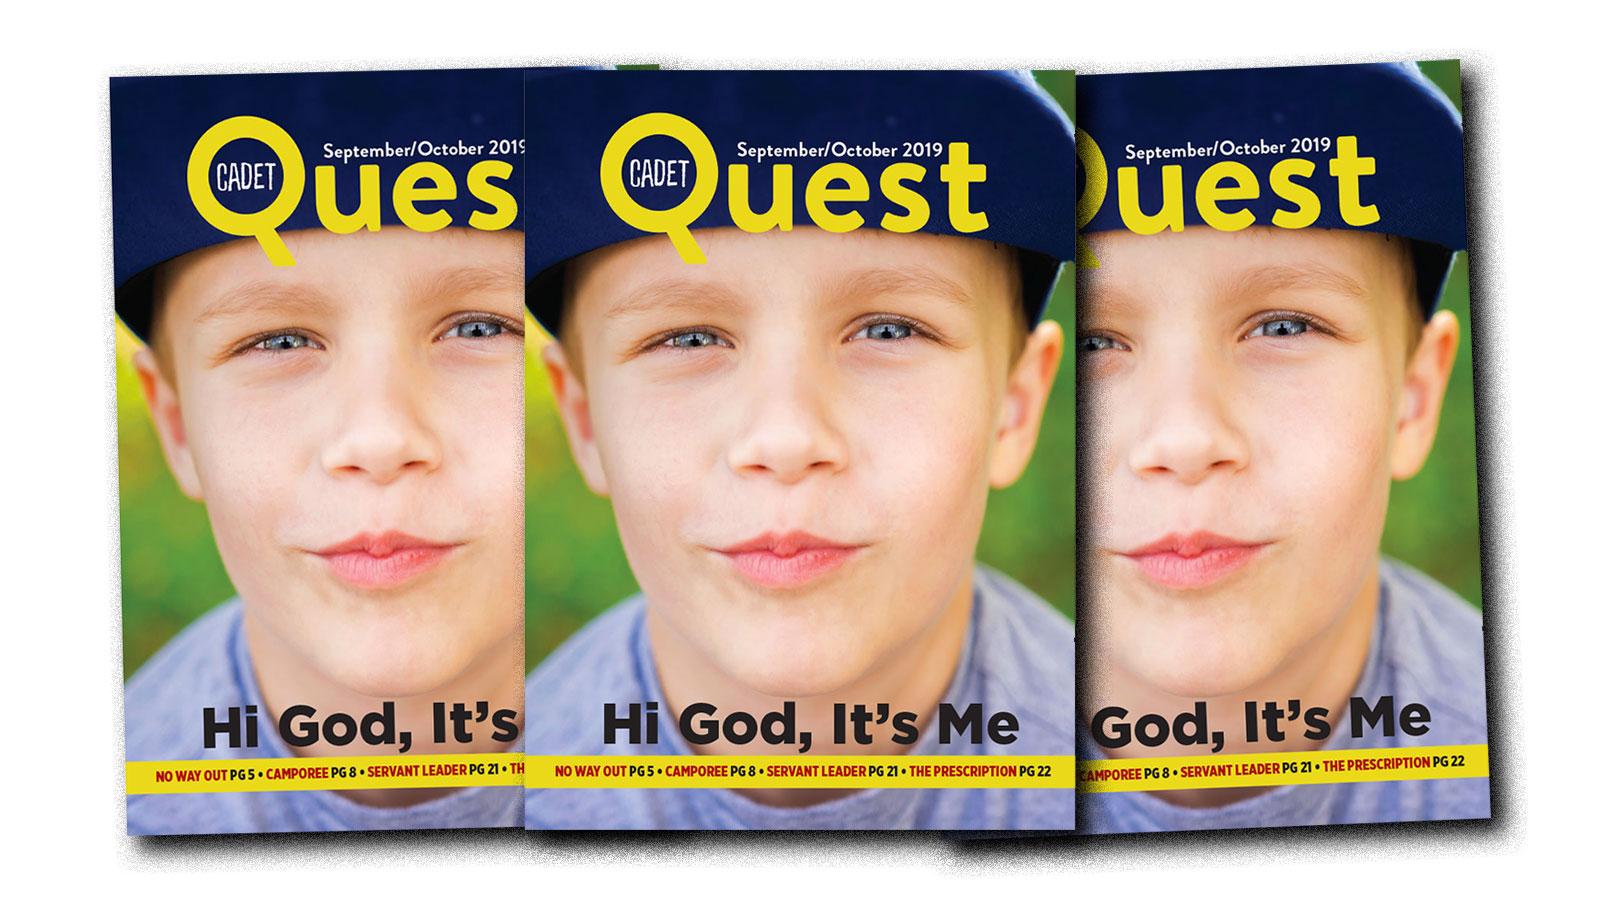 Cadet Quest Magazine